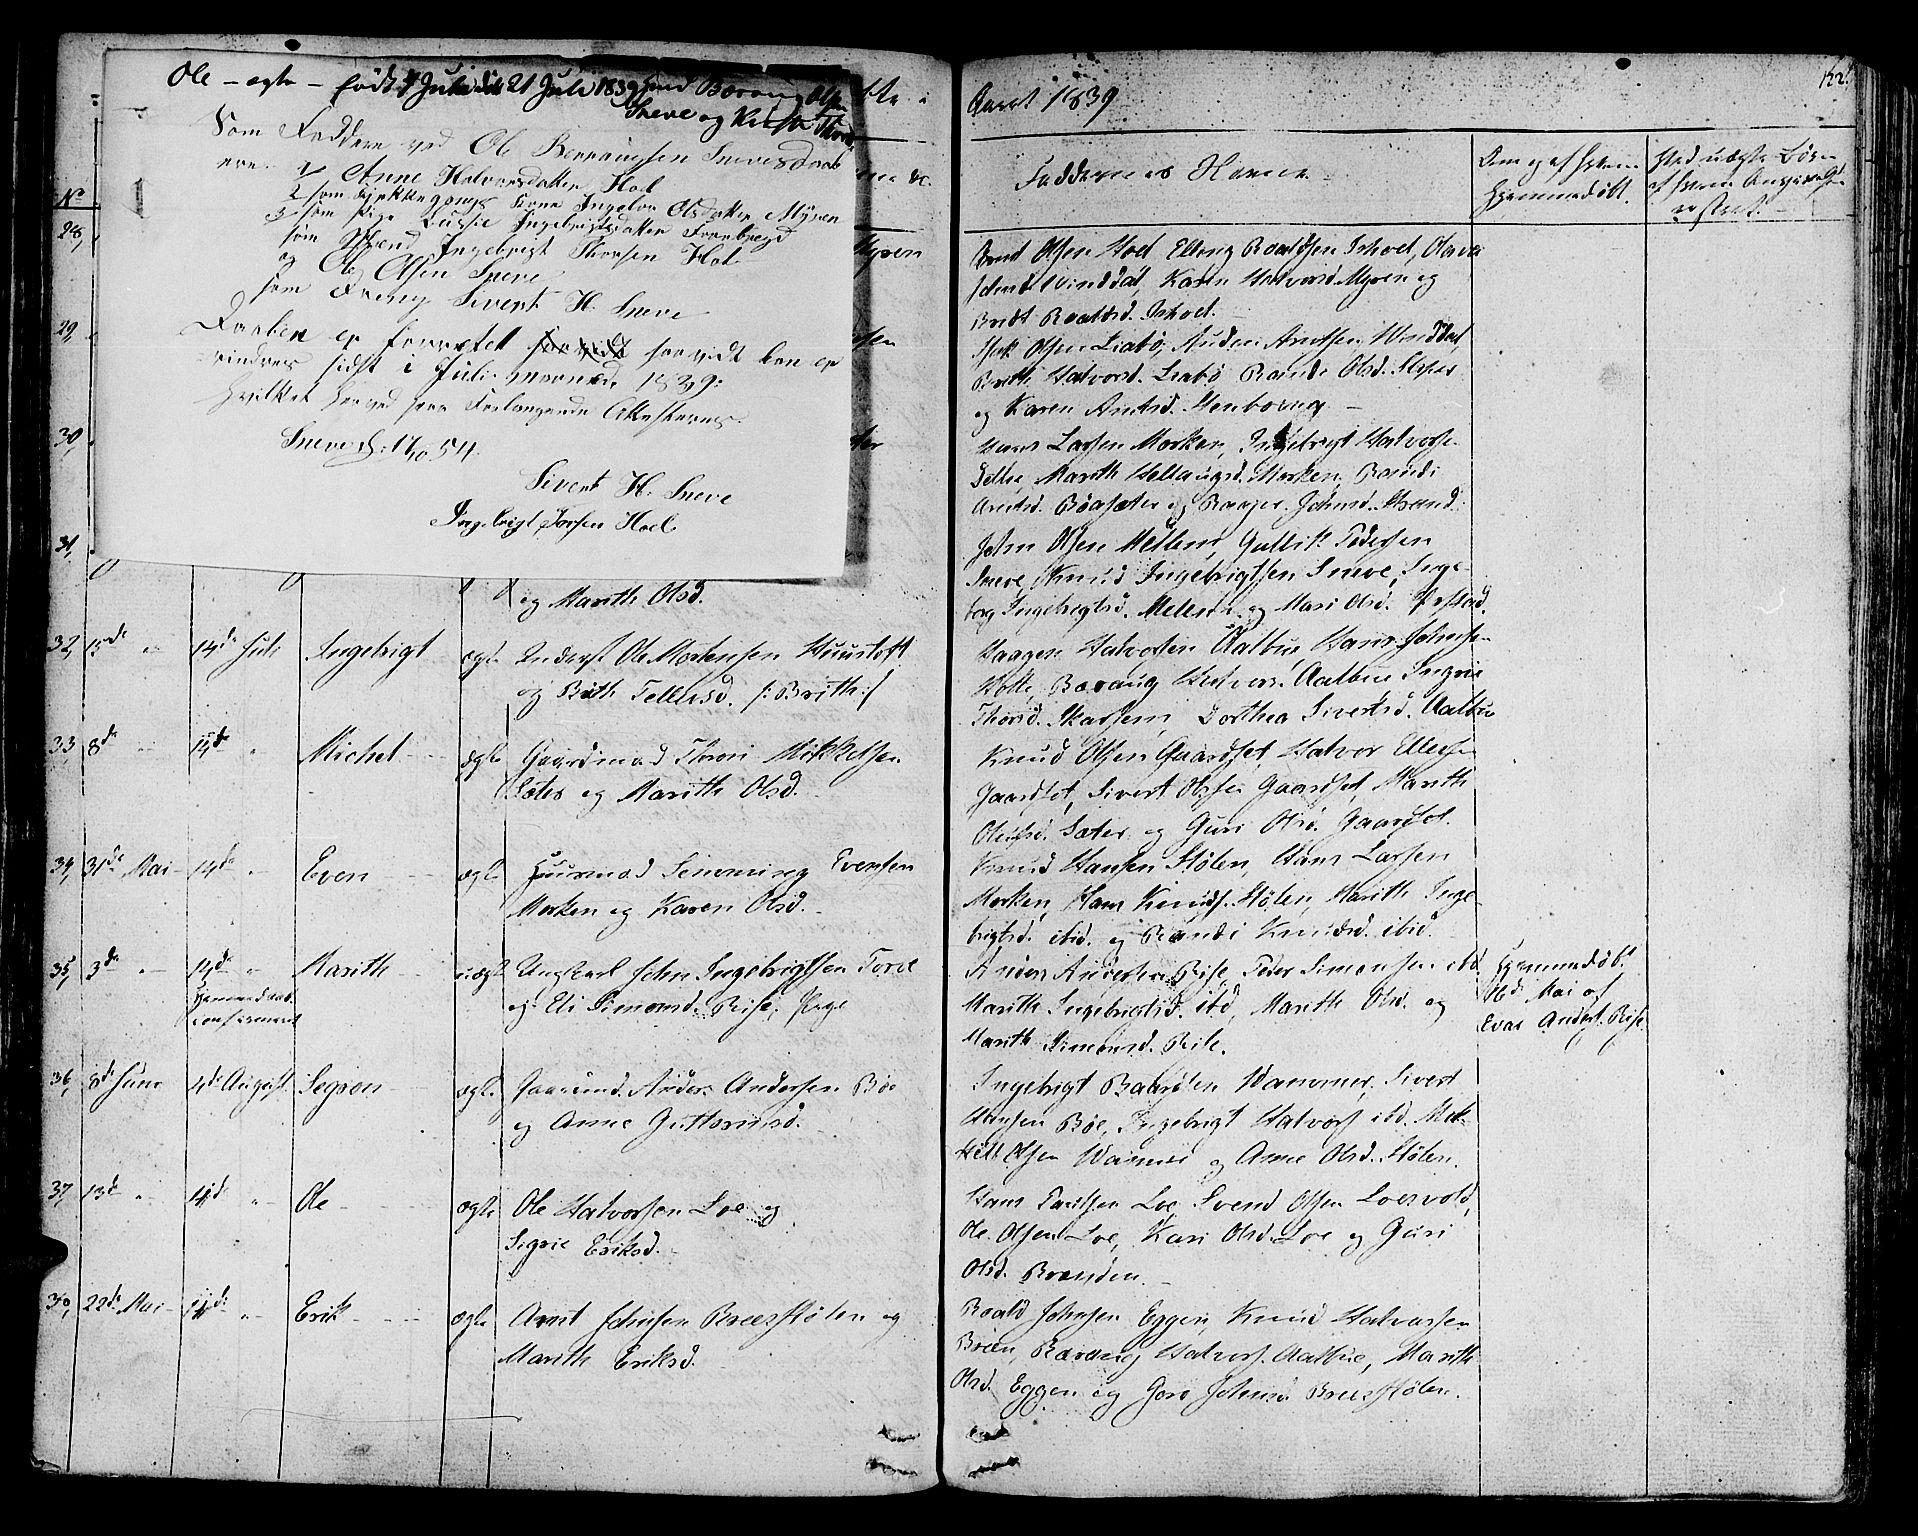 SAT, Ministerialprotokoller, klokkerbøker og fødselsregistre - Sør-Trøndelag, 678/L0897: Ministerialbok nr. 678A06-07, 1821-1847, s. 122